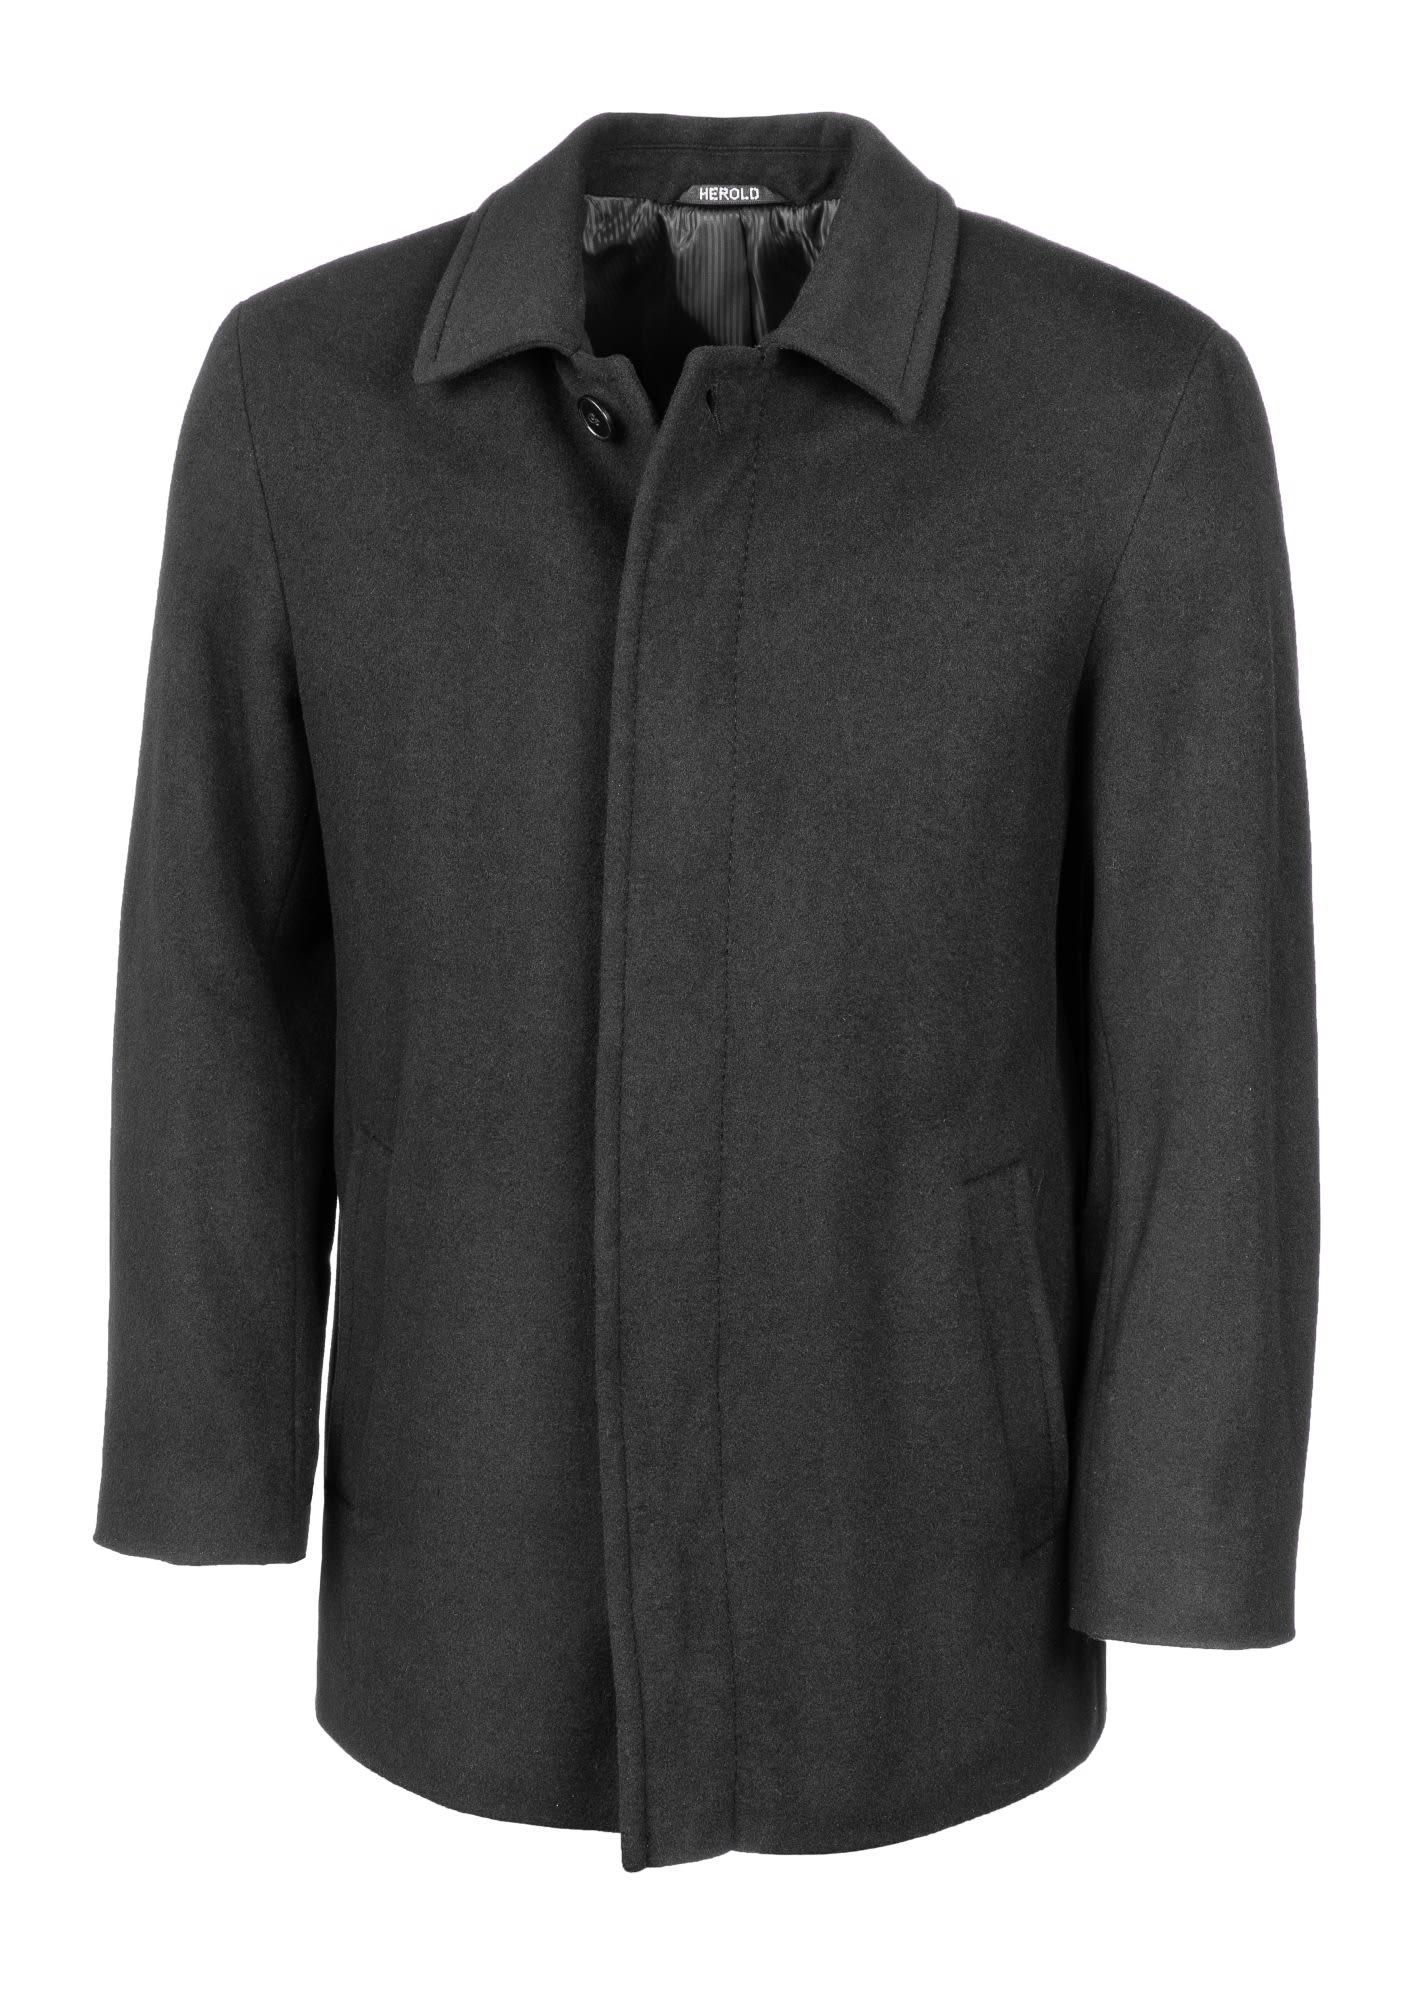 Miesten takit – muista huomioida lämmöneristävyys